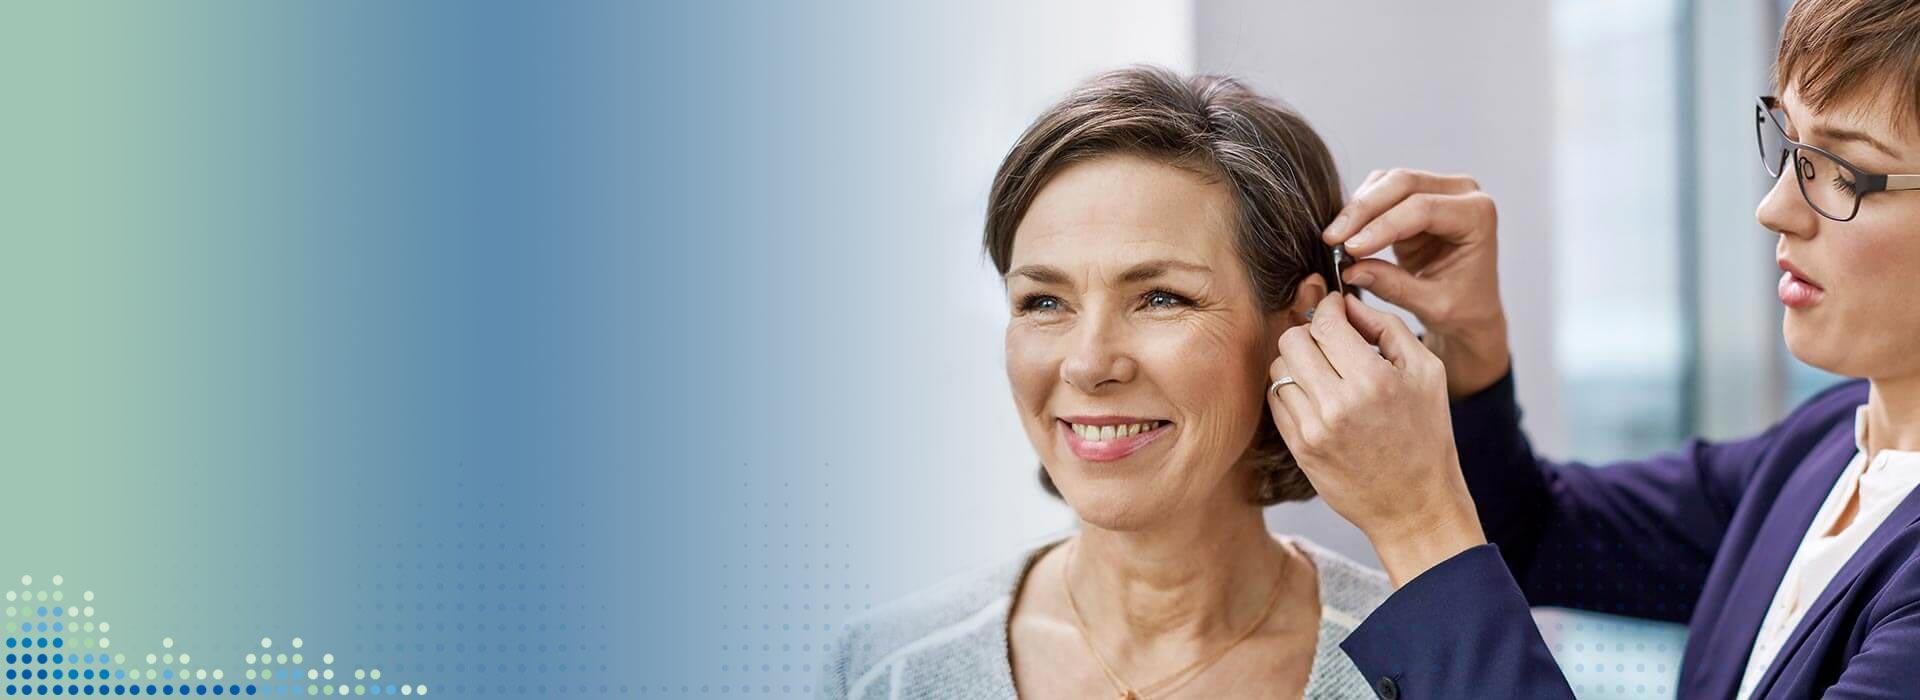 draagt-al-hoorapparaat-audika